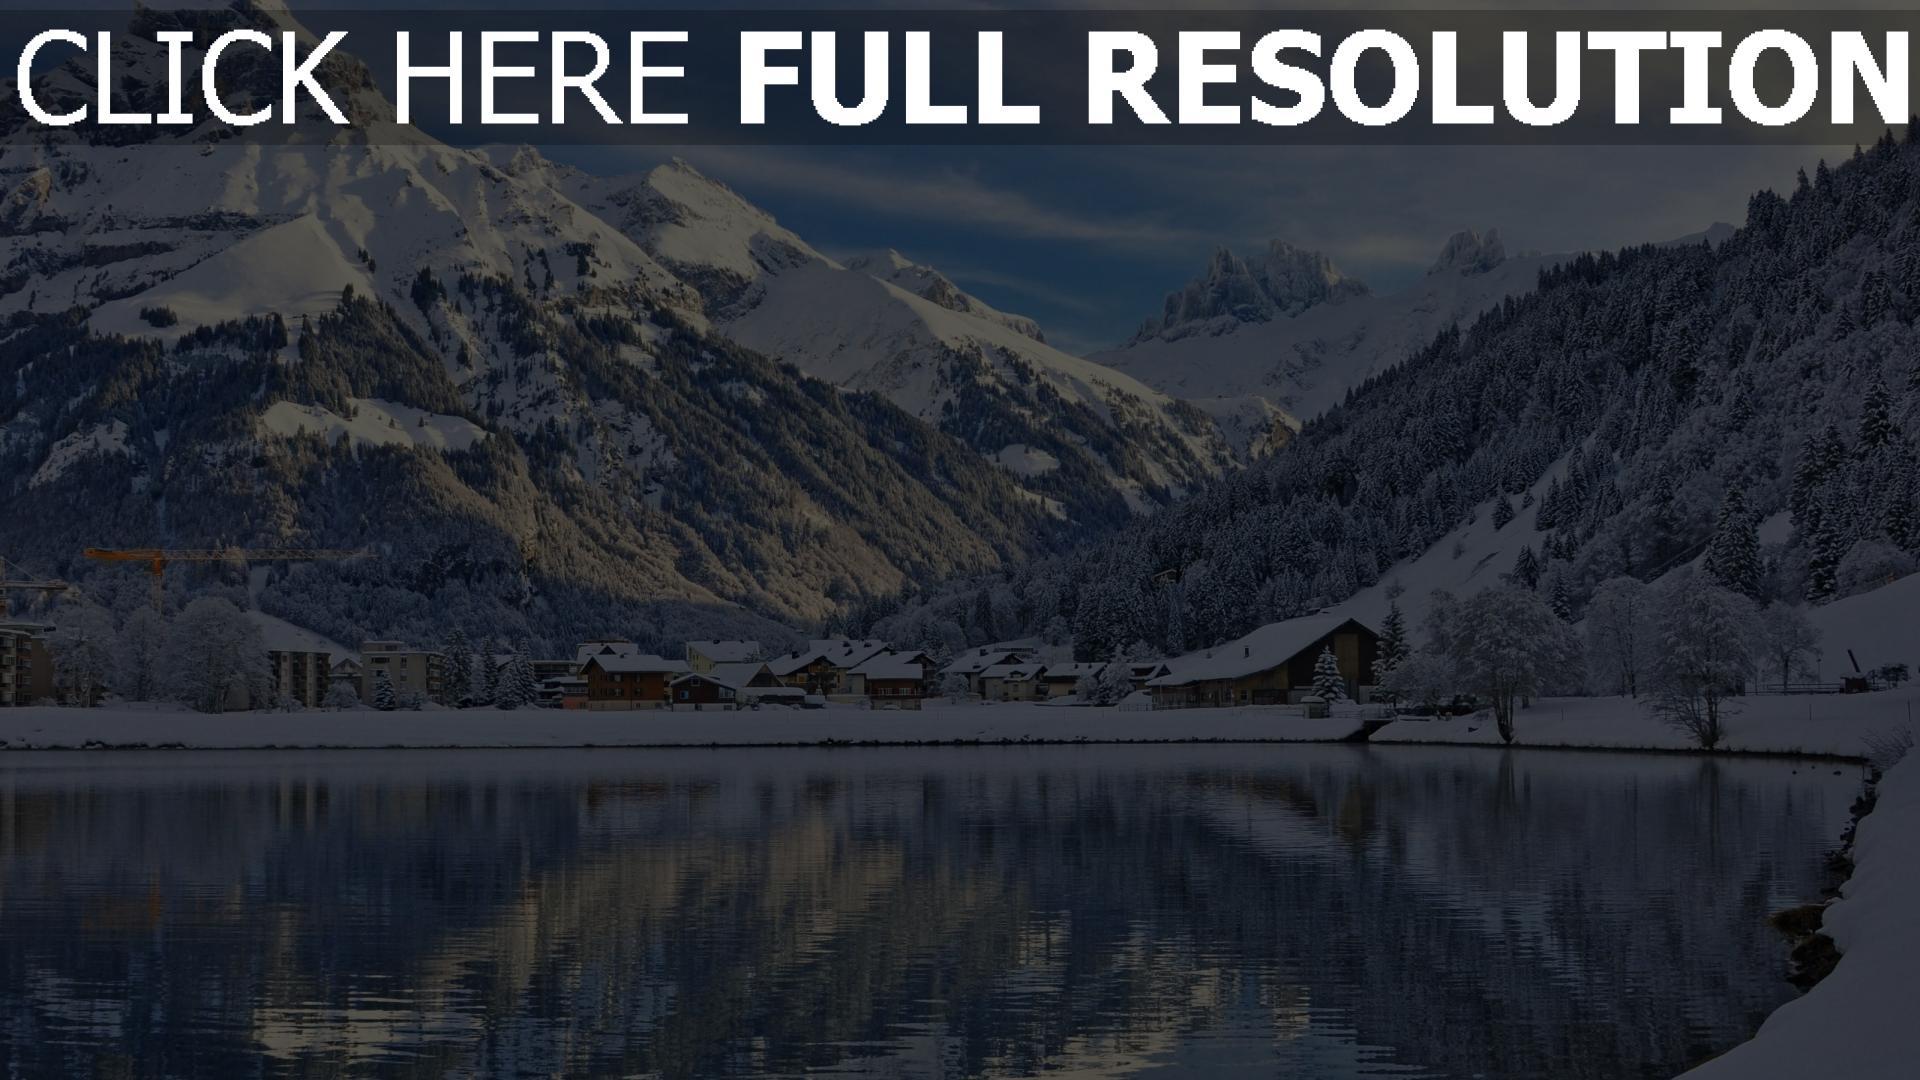 Montaña Nevada Hd: HD Hintergrundbilder Schweiz Landschaft Winter See Berge